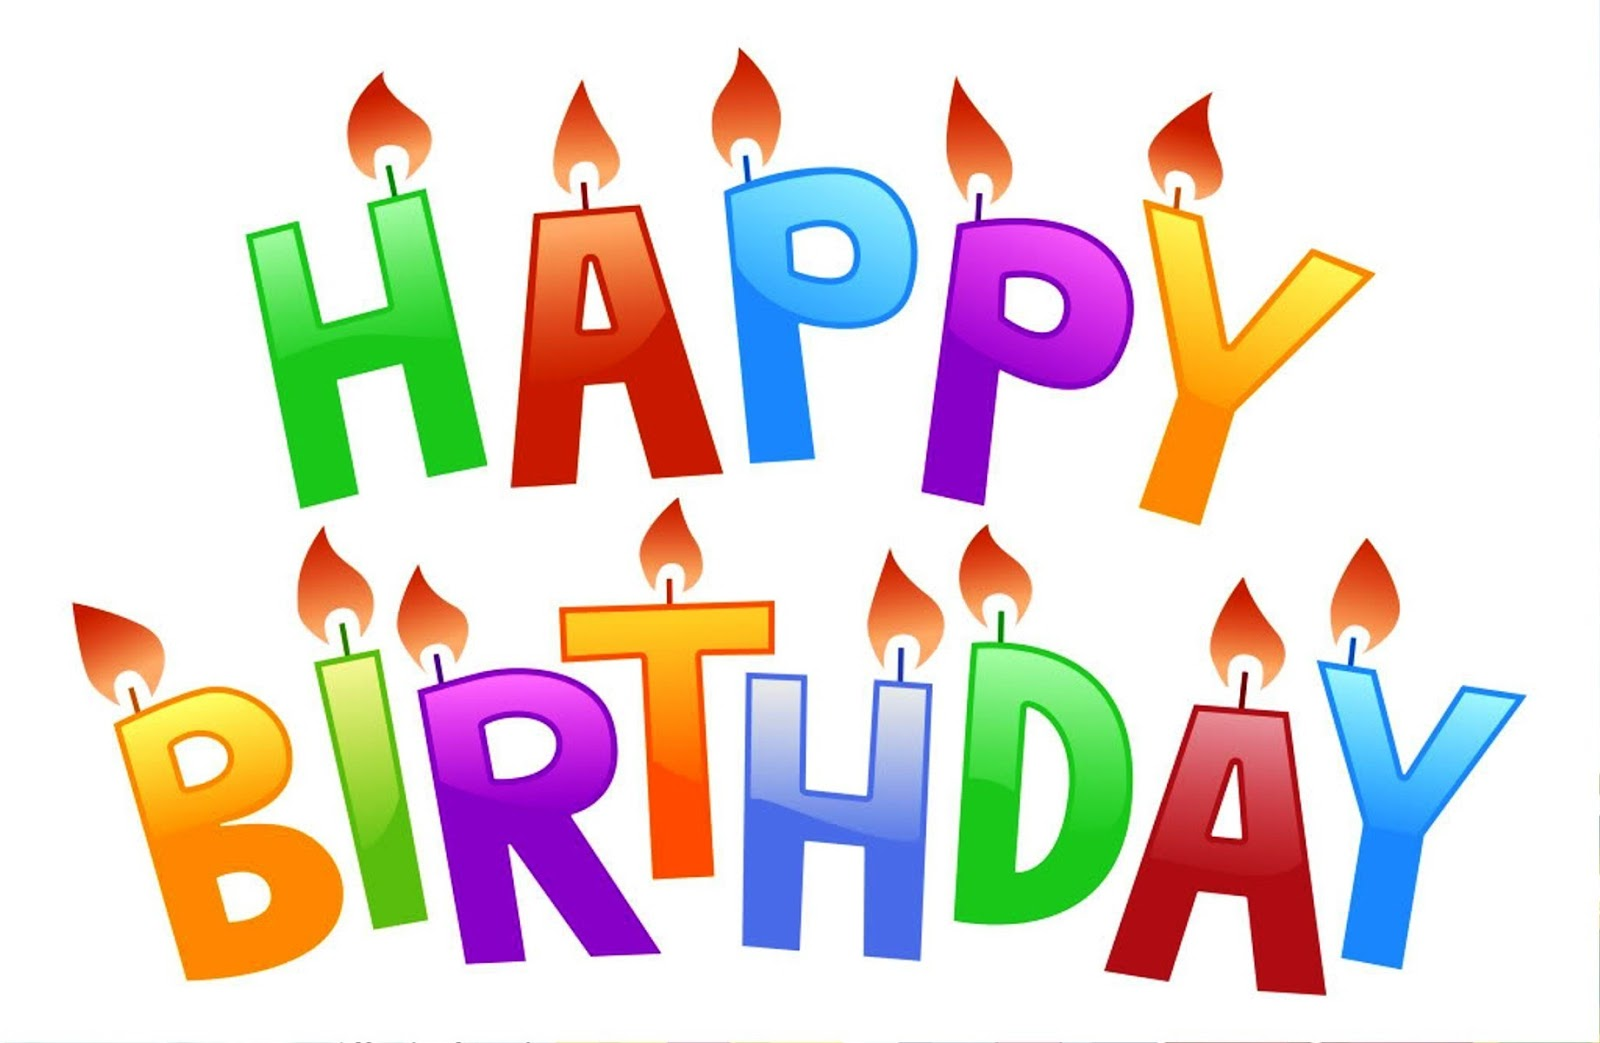 Ucapan Selamat Ulang Tahun Untuk Jomblo Ucapan Selamat